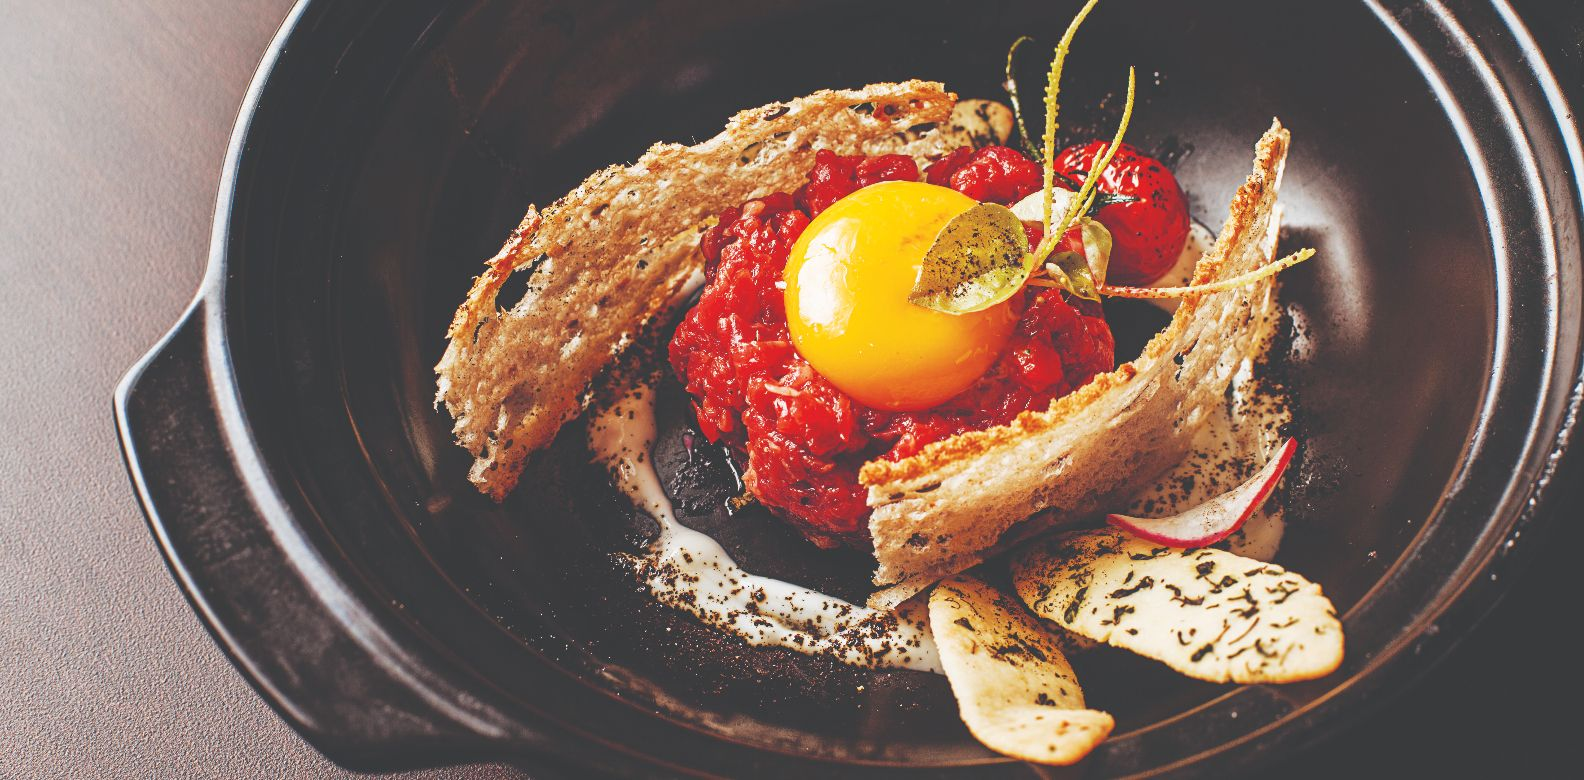 Brasserie steak tartare